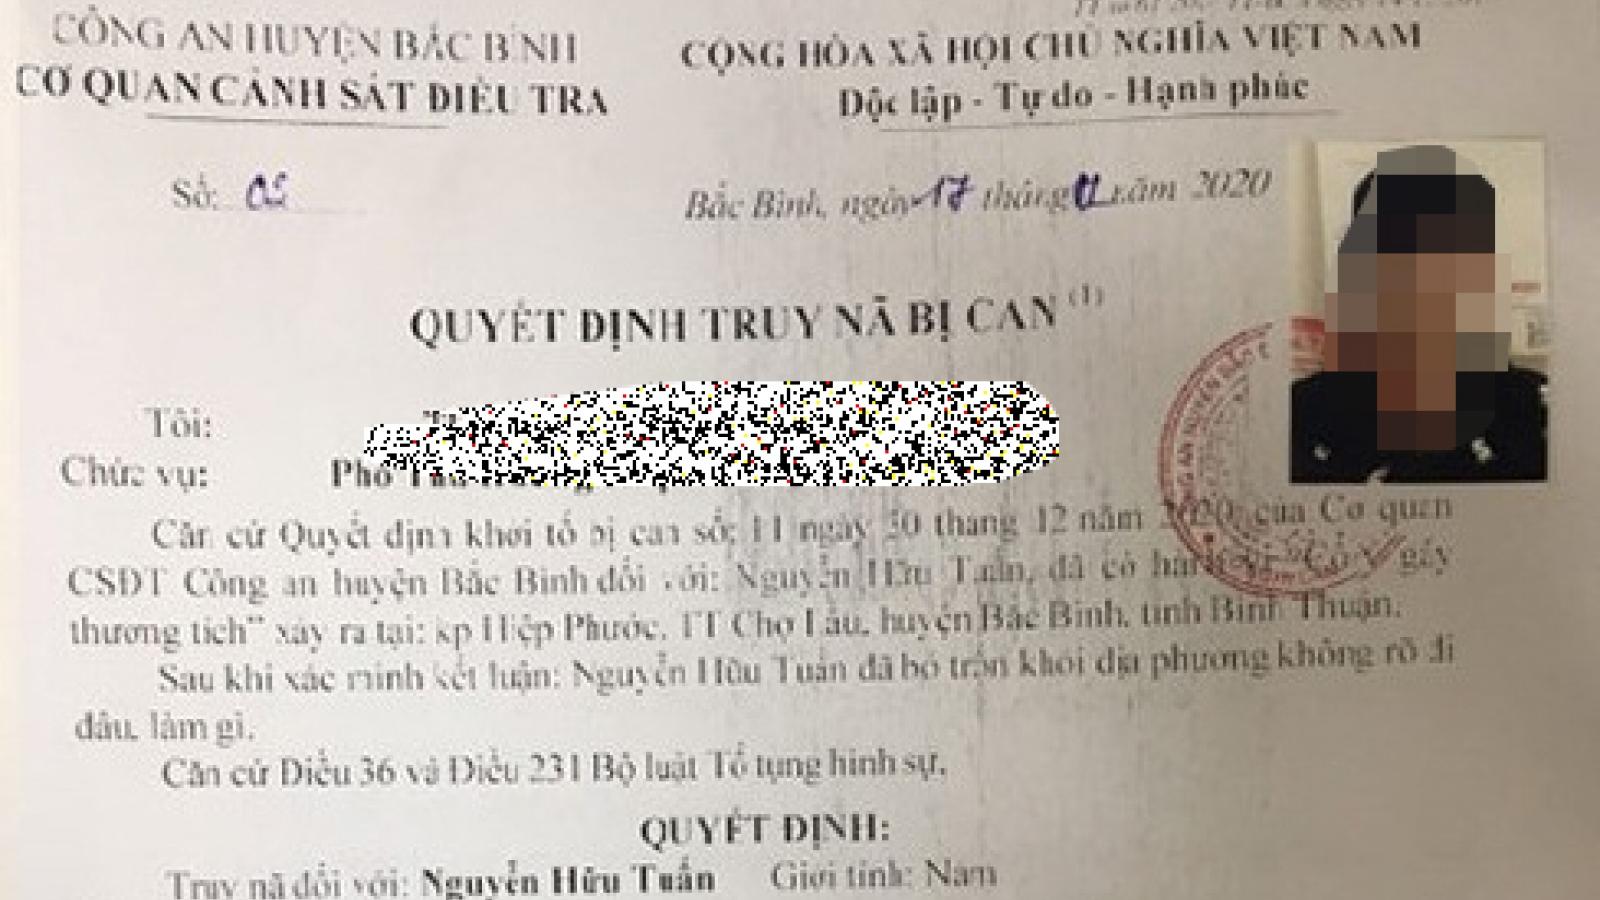 """Quảng Ninh bắt giữ đối tượng truy nã """"đặc biệt nguy hiểm"""""""